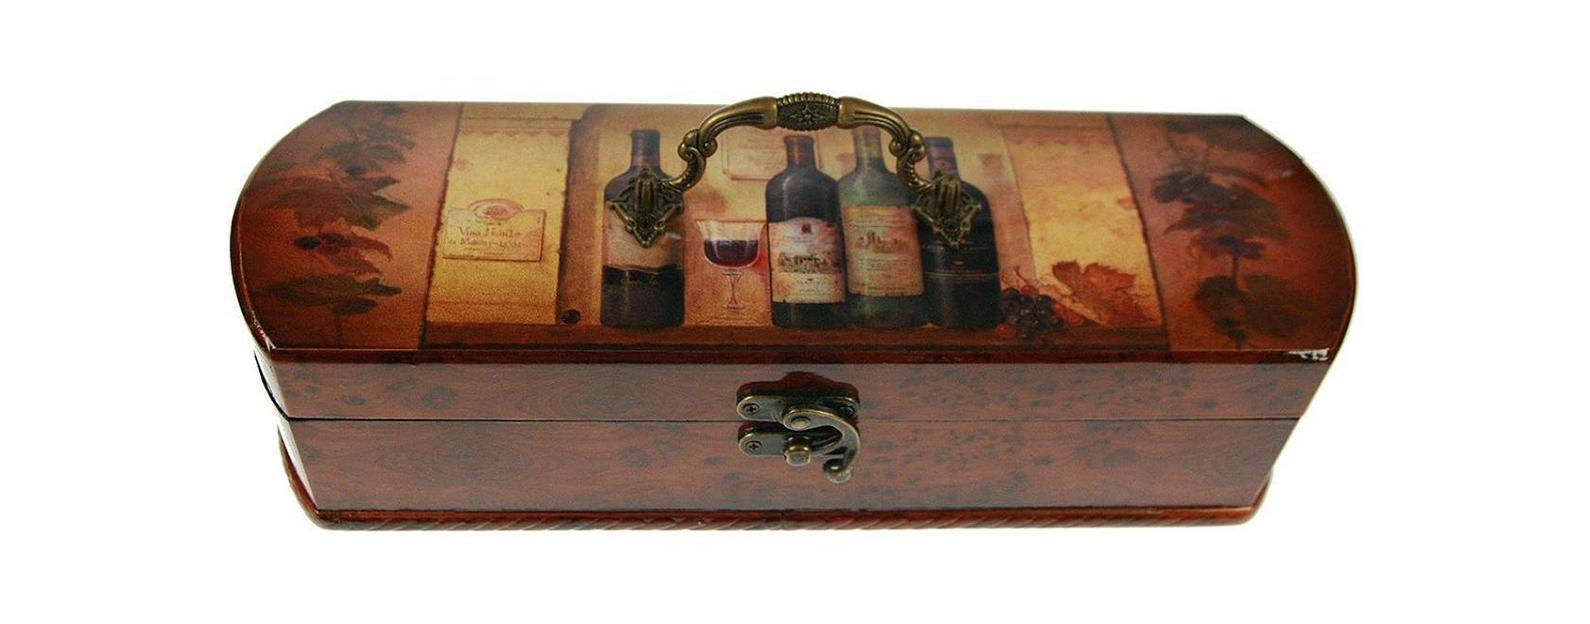 Шкатулка Сундучок под бутылку 36*12*10см 34762290239-048Шкатулка Русские подарки Сундучок 34762 предназначена для хранения бутылок с вином. Она не оставит равнодушным ни одного любителя оригинальных вещей. Данная модель надежно закрывается на металлический замок. Сочетание оригинального дизайна и функциональности делает такую вещь практичным, стильным подарком и предметом гордости ее обладателя. Материал: MDF, бумага, эл. металла; цвет: коричневый